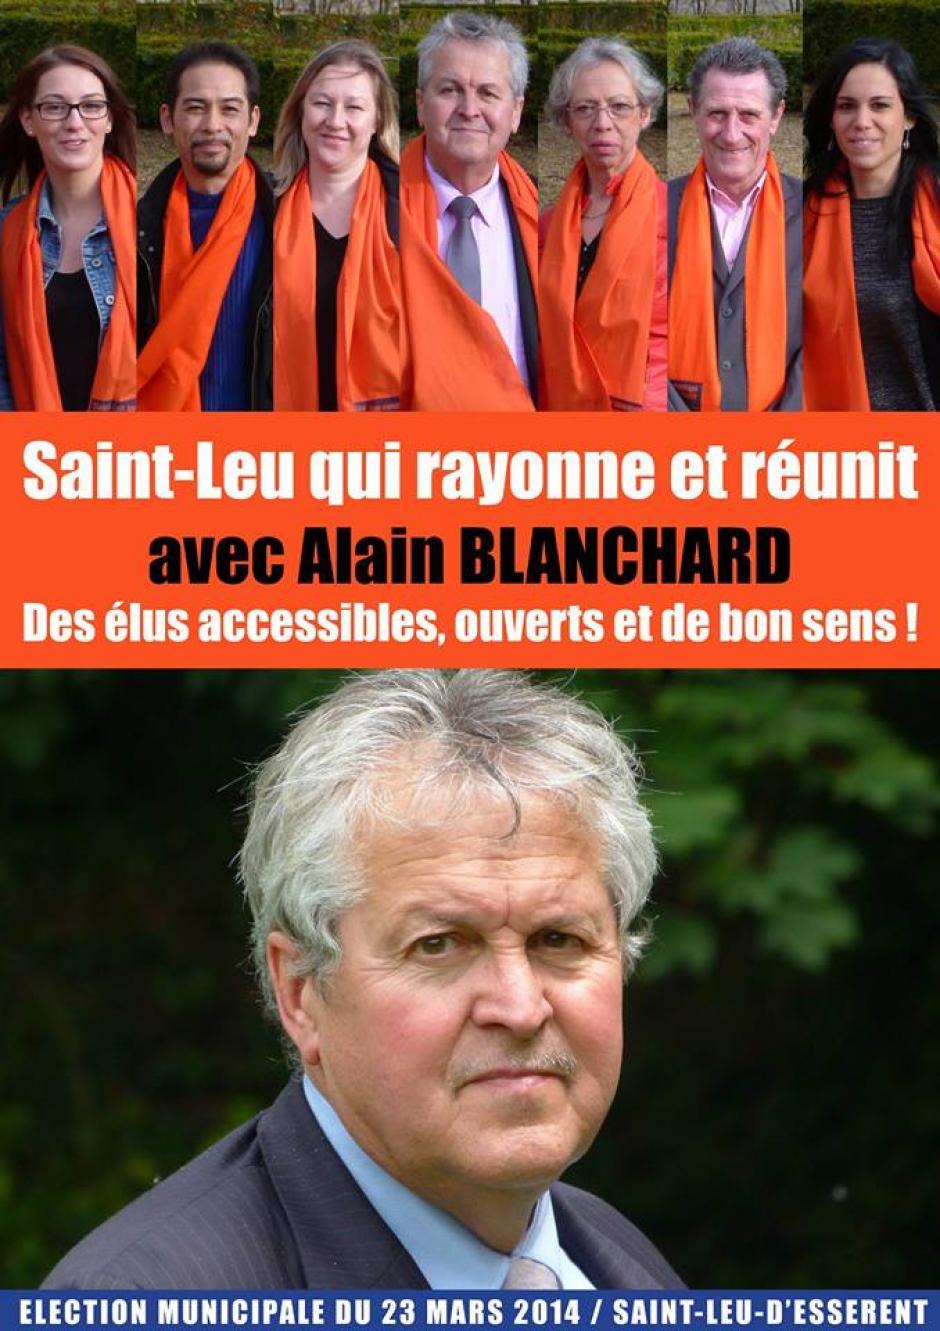 Élections municipales 2014 • Saint-Leu-d'Esserent • Liste « Saint-Leu, une commune qui rayonne et réunit »